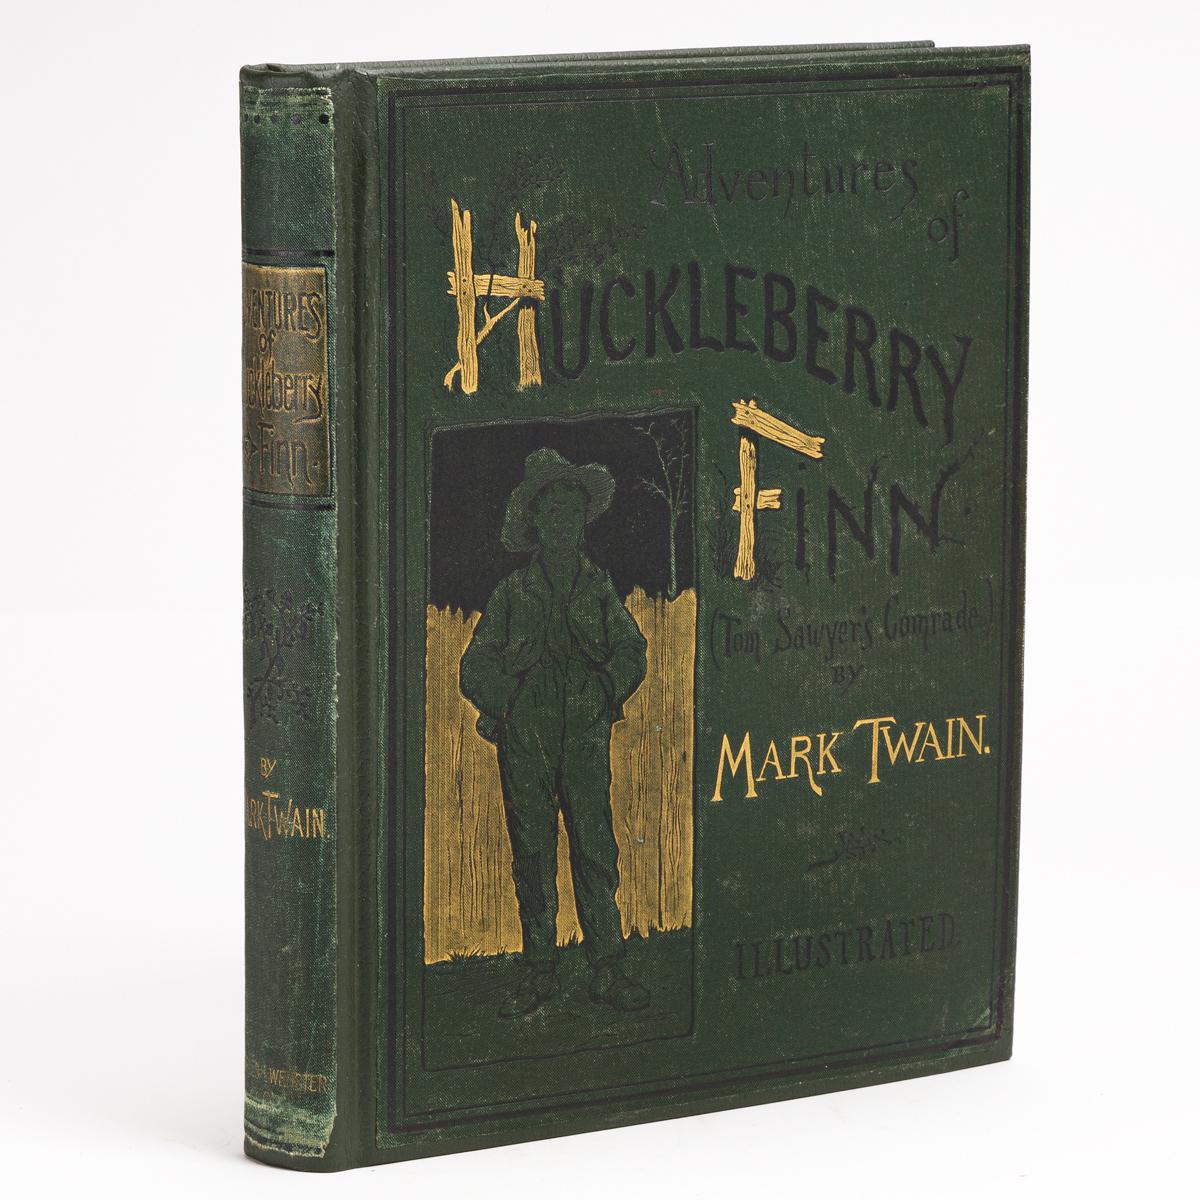 TWAIN, MARK. Adventures of Huckleberry Finn.